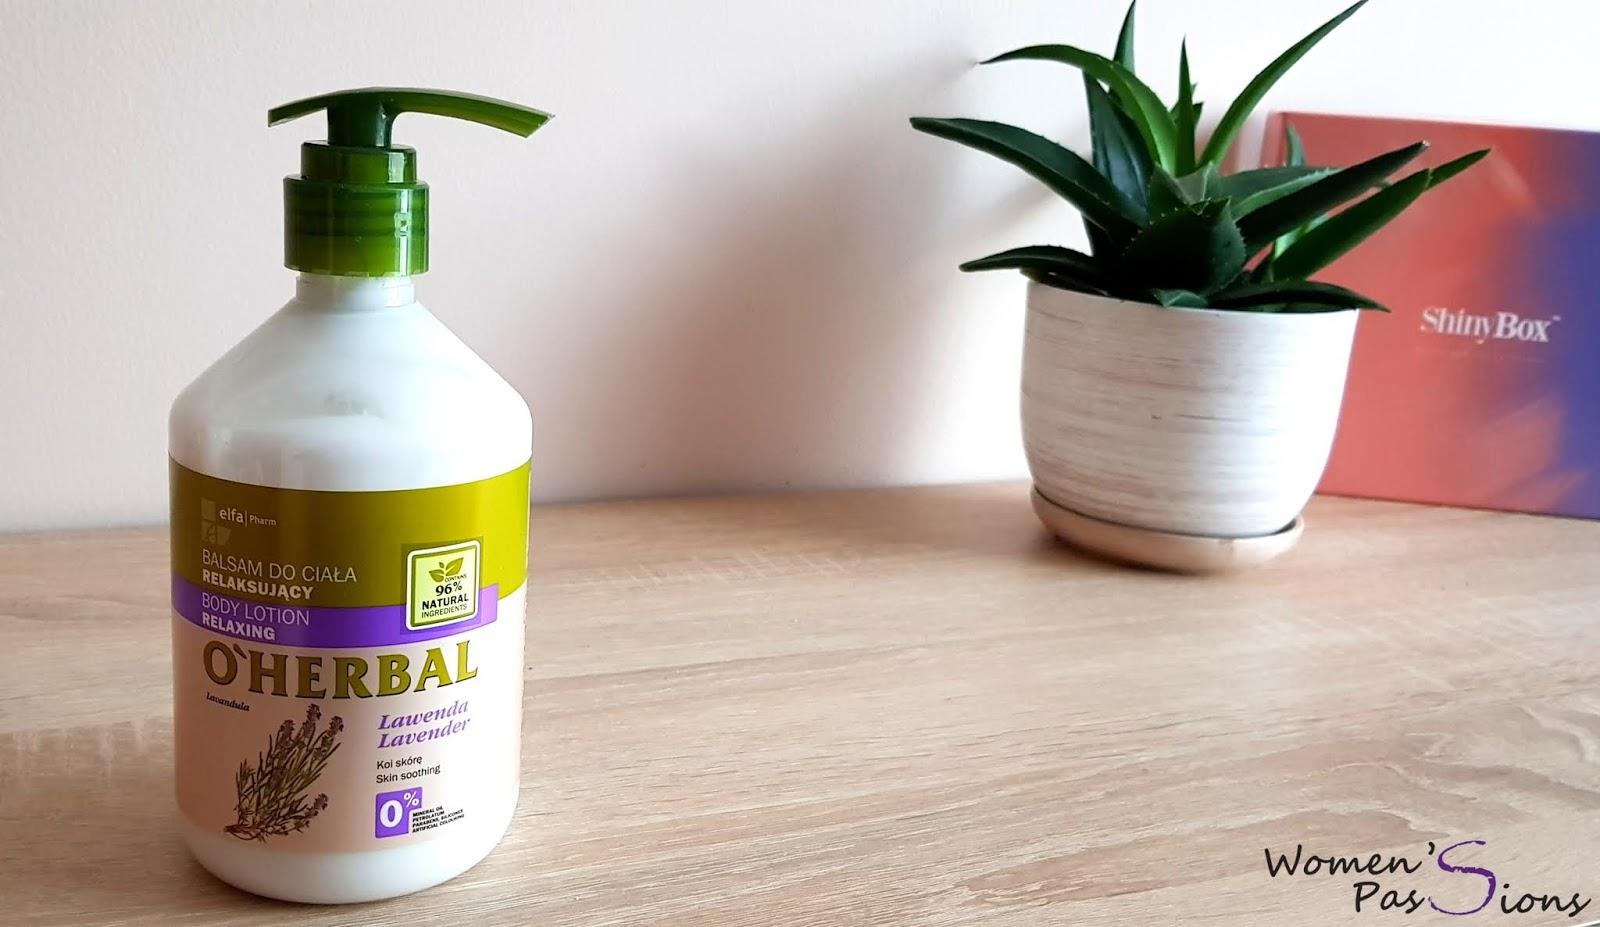 O'Herbal Lawendowy relaksujący balsam do ciała